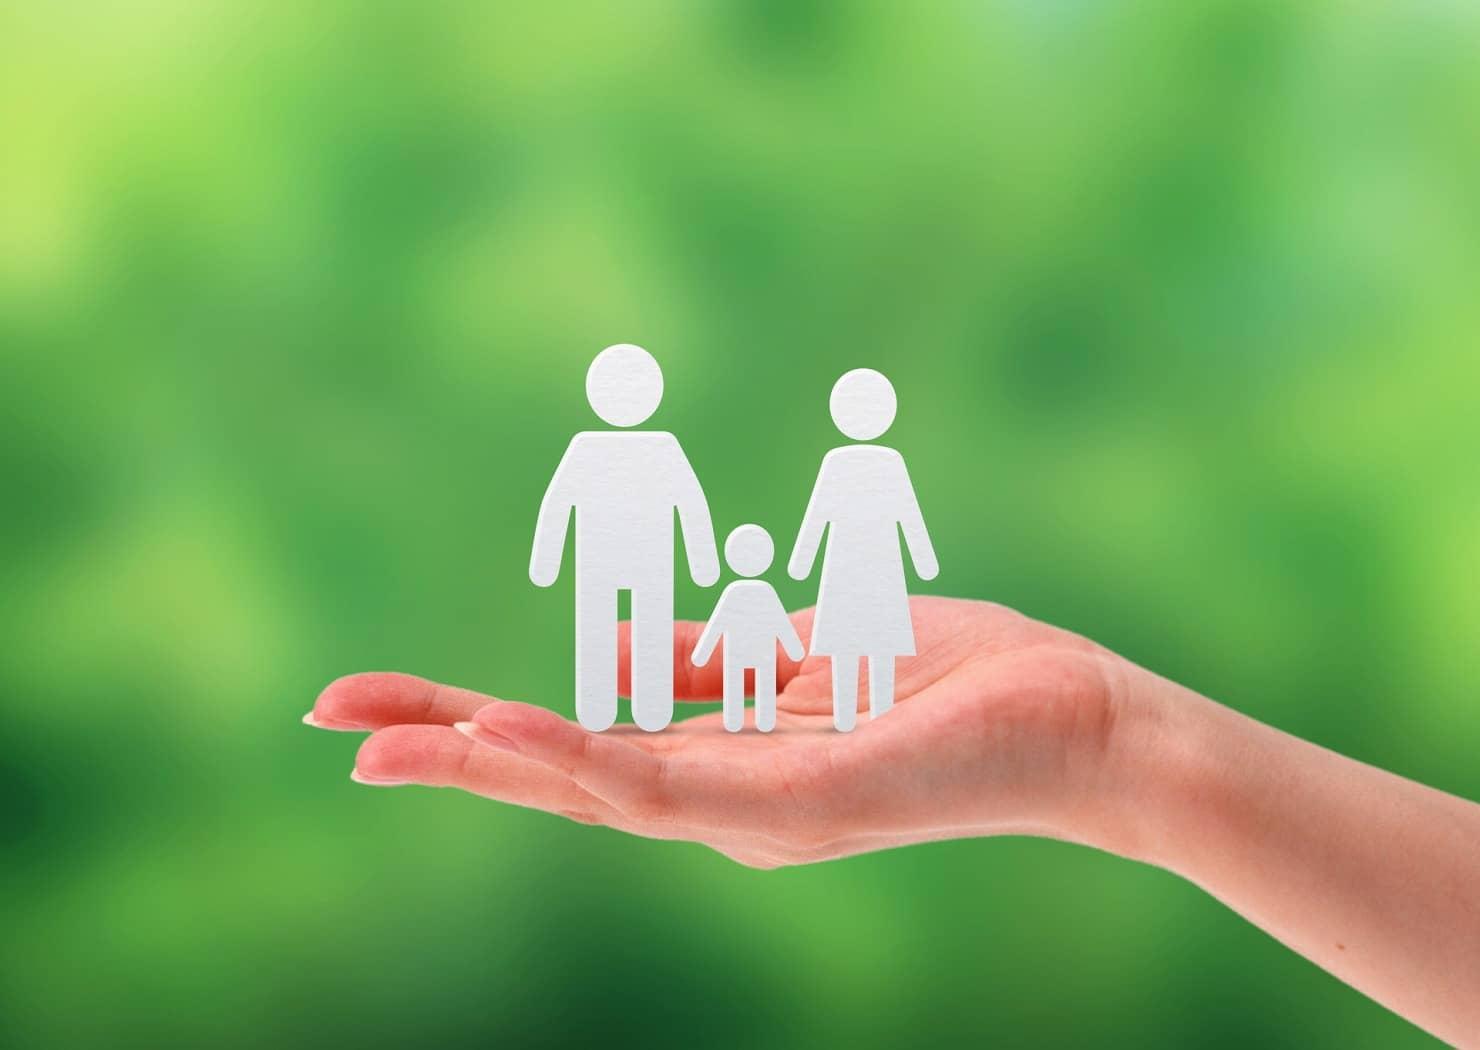 健康保険被扶養者異動届の書き方や提出先、子供の出生時にママが注意すべきポイントとは